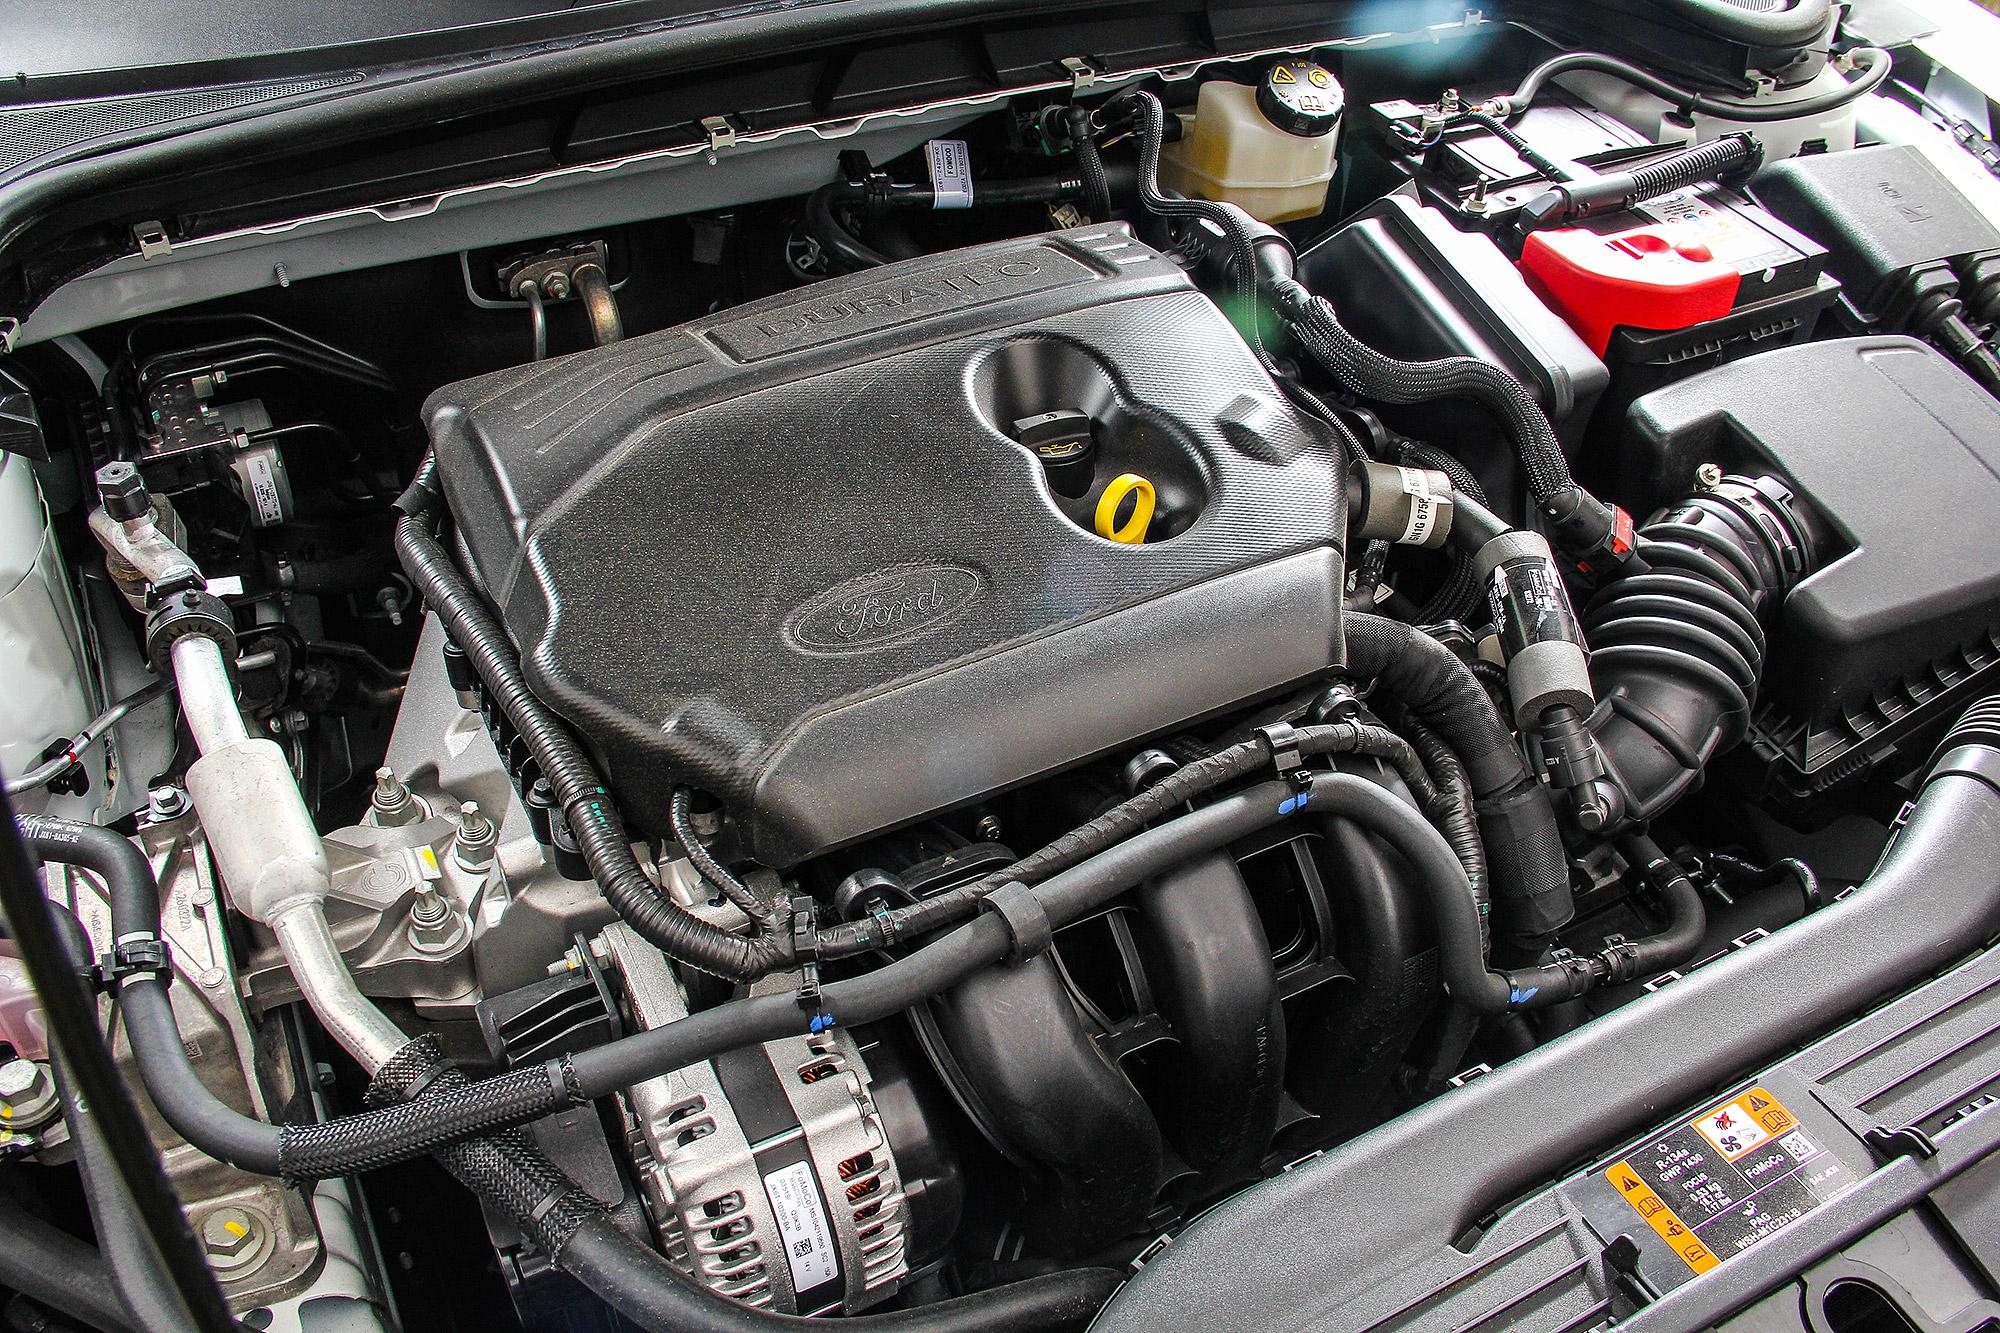 1.5 升直列 3 缸自然進氣引擎具有 123 匹的最大馬力。